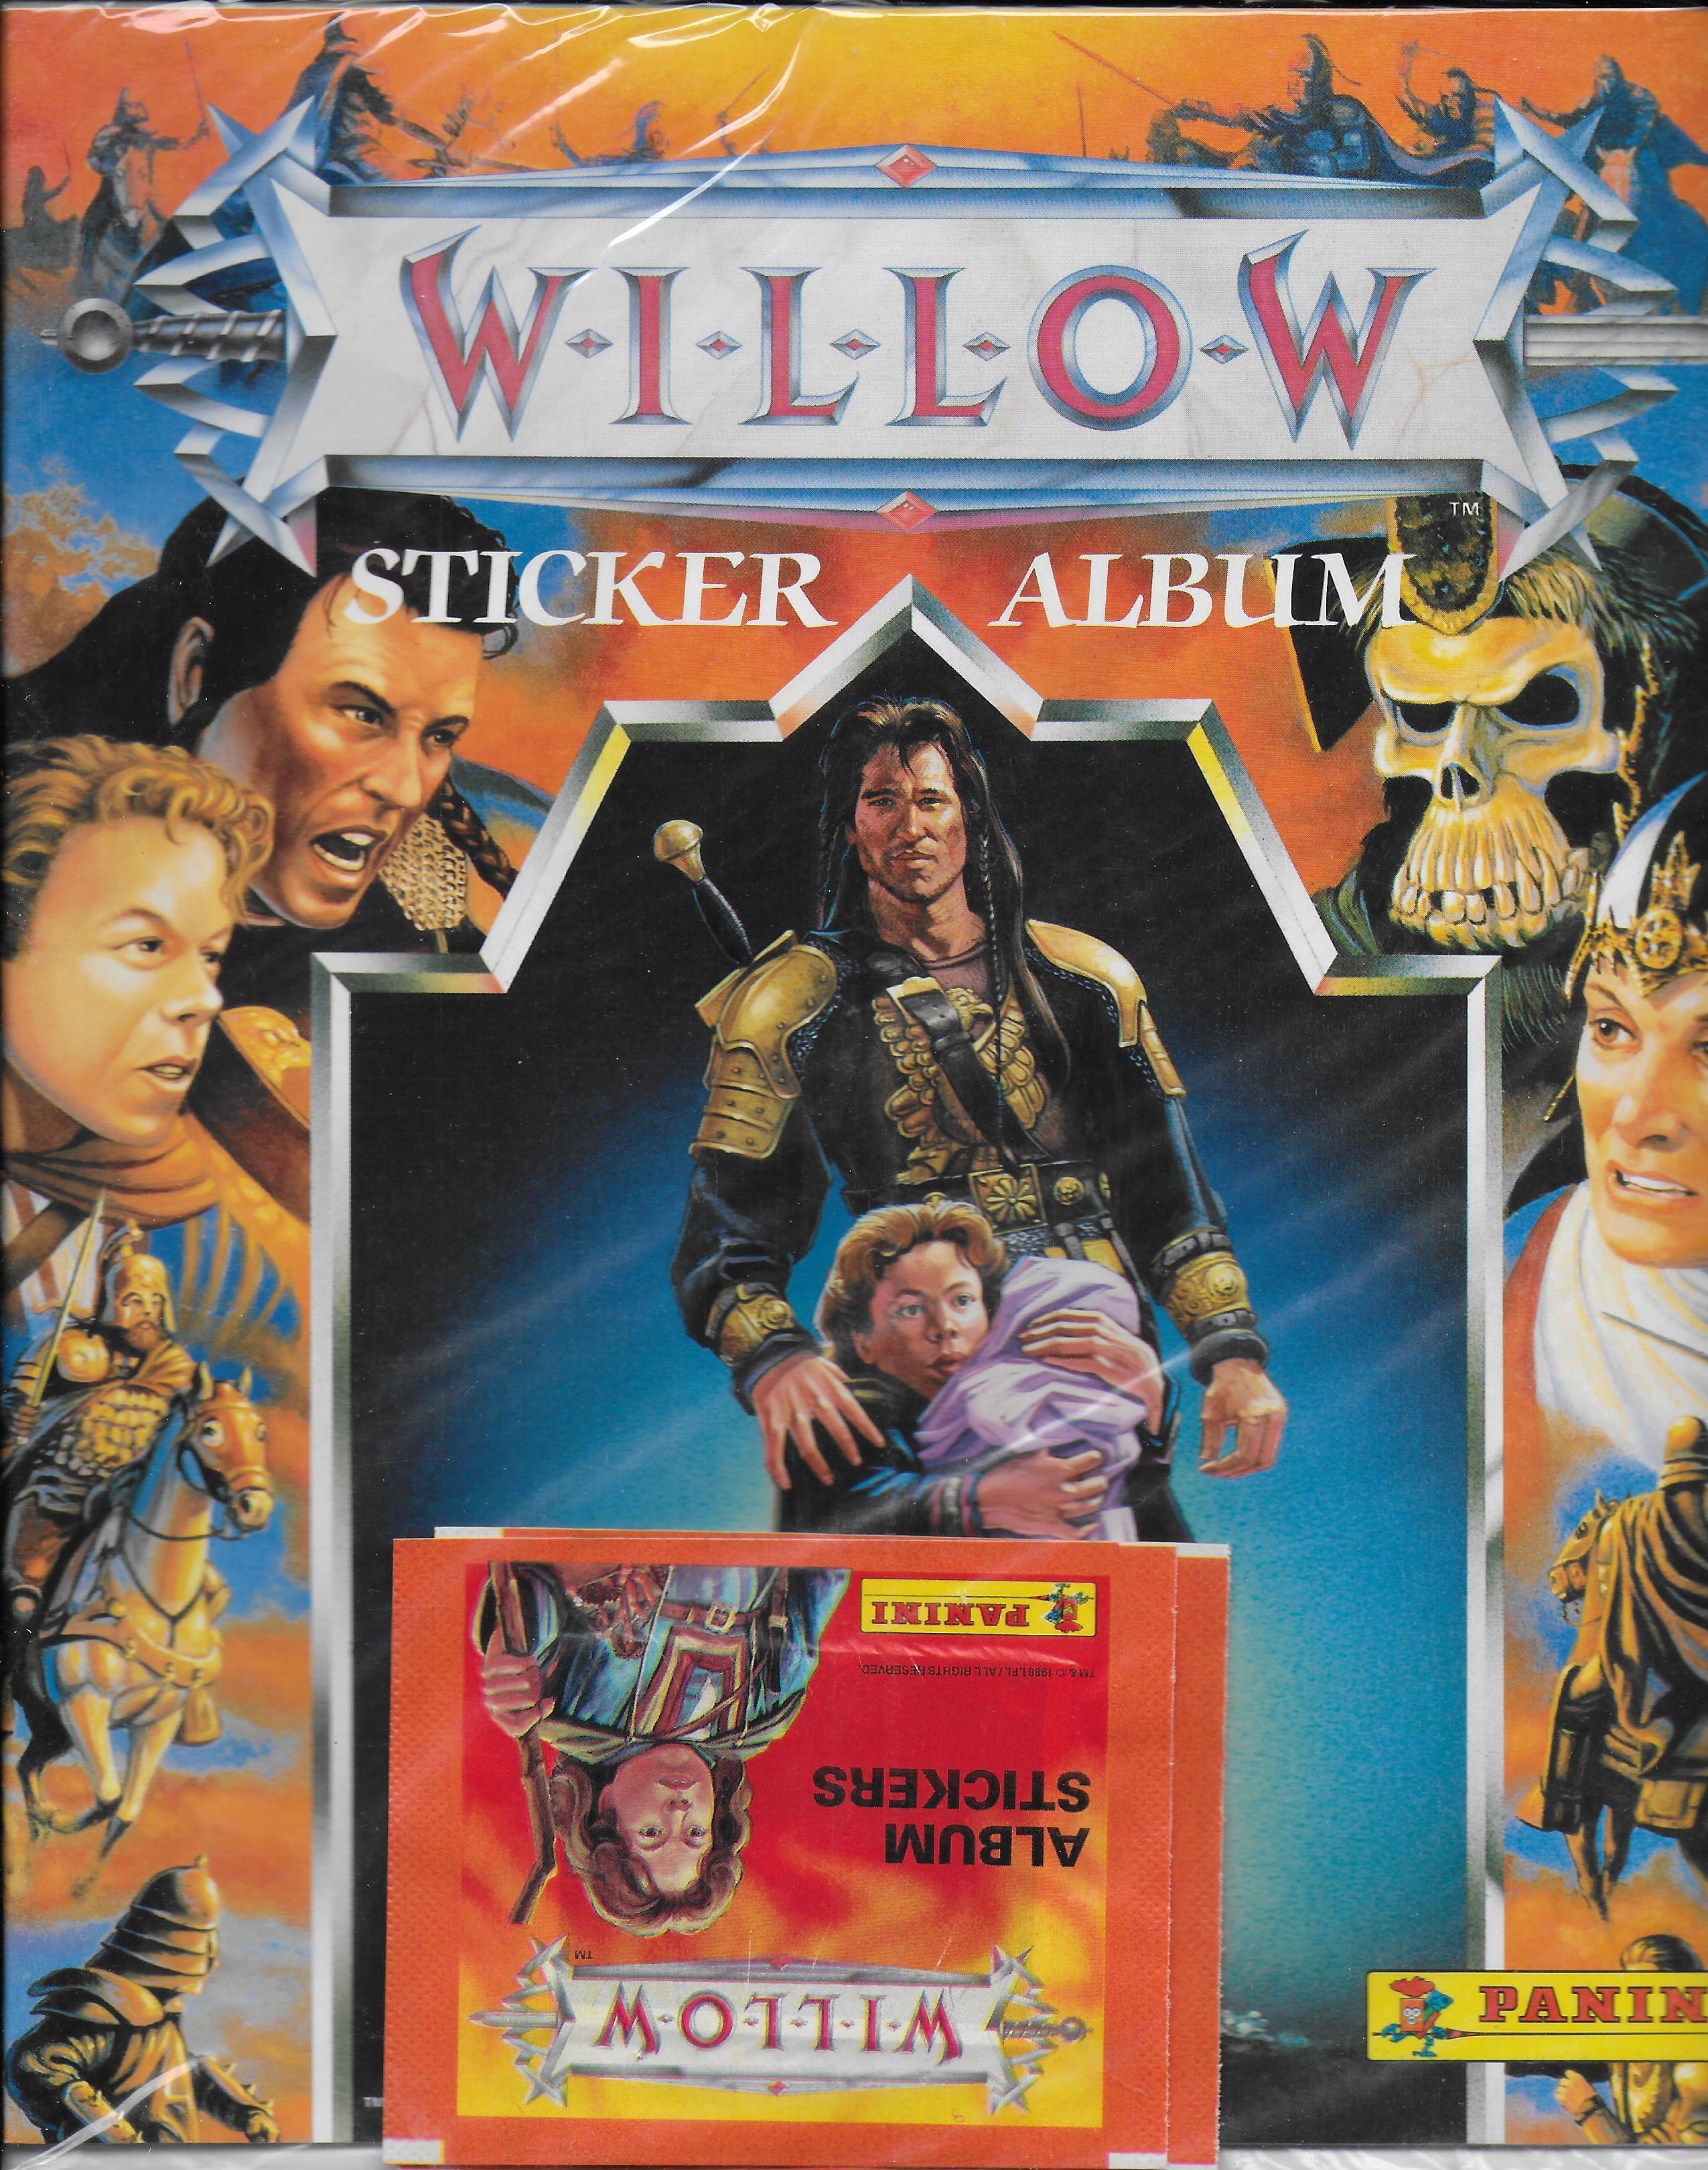 Willow sticker album